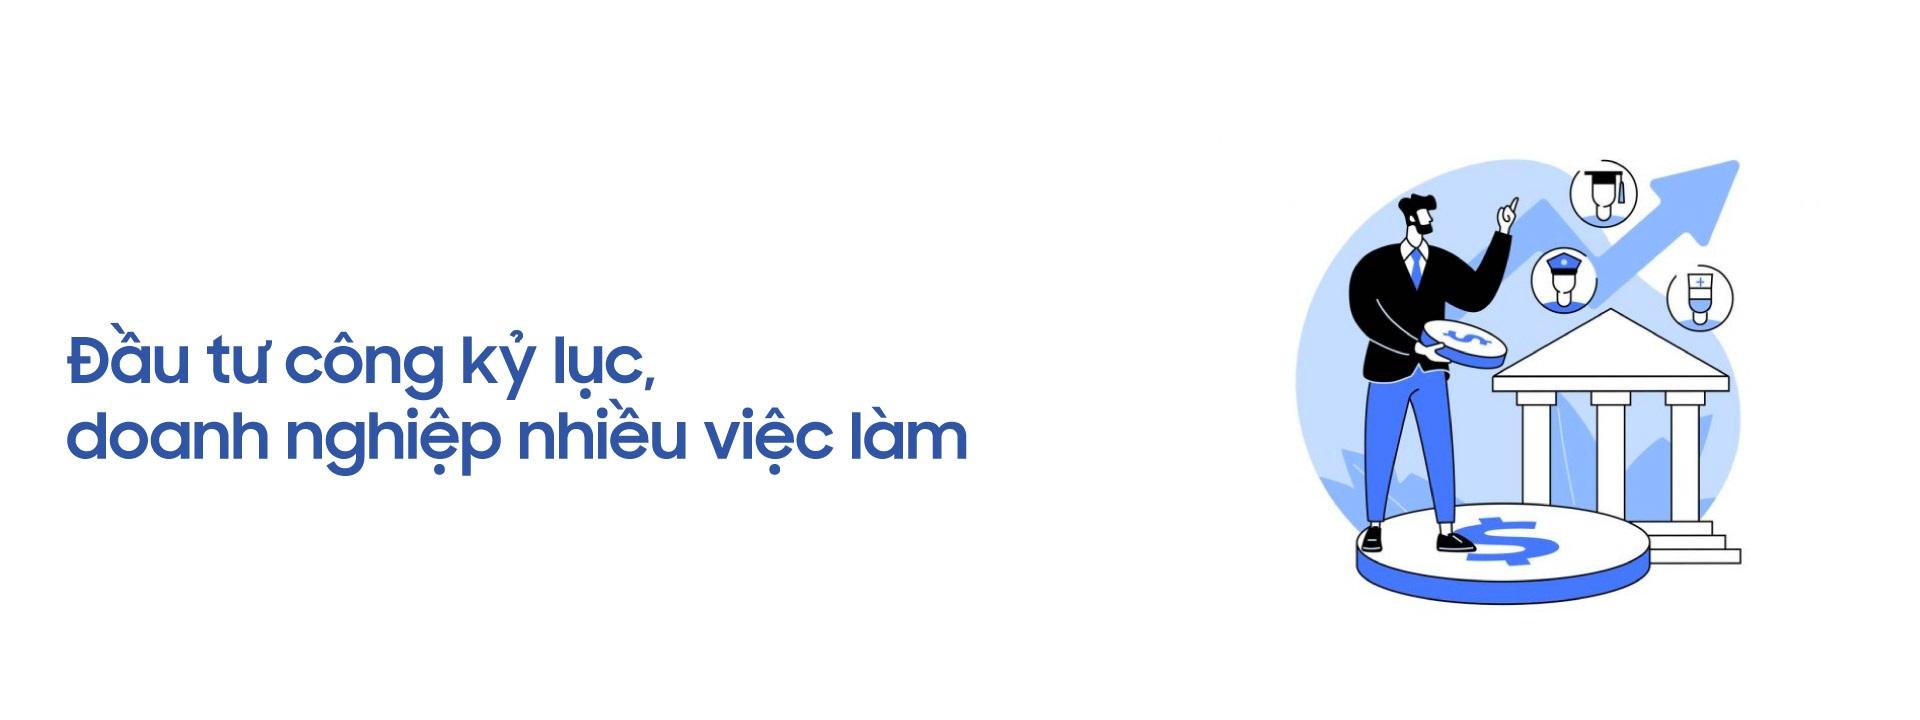 Chuyện thương trường 2020: Biến số Covid-19 và lời giải của doanh nghiệp Việt - Ảnh 4.